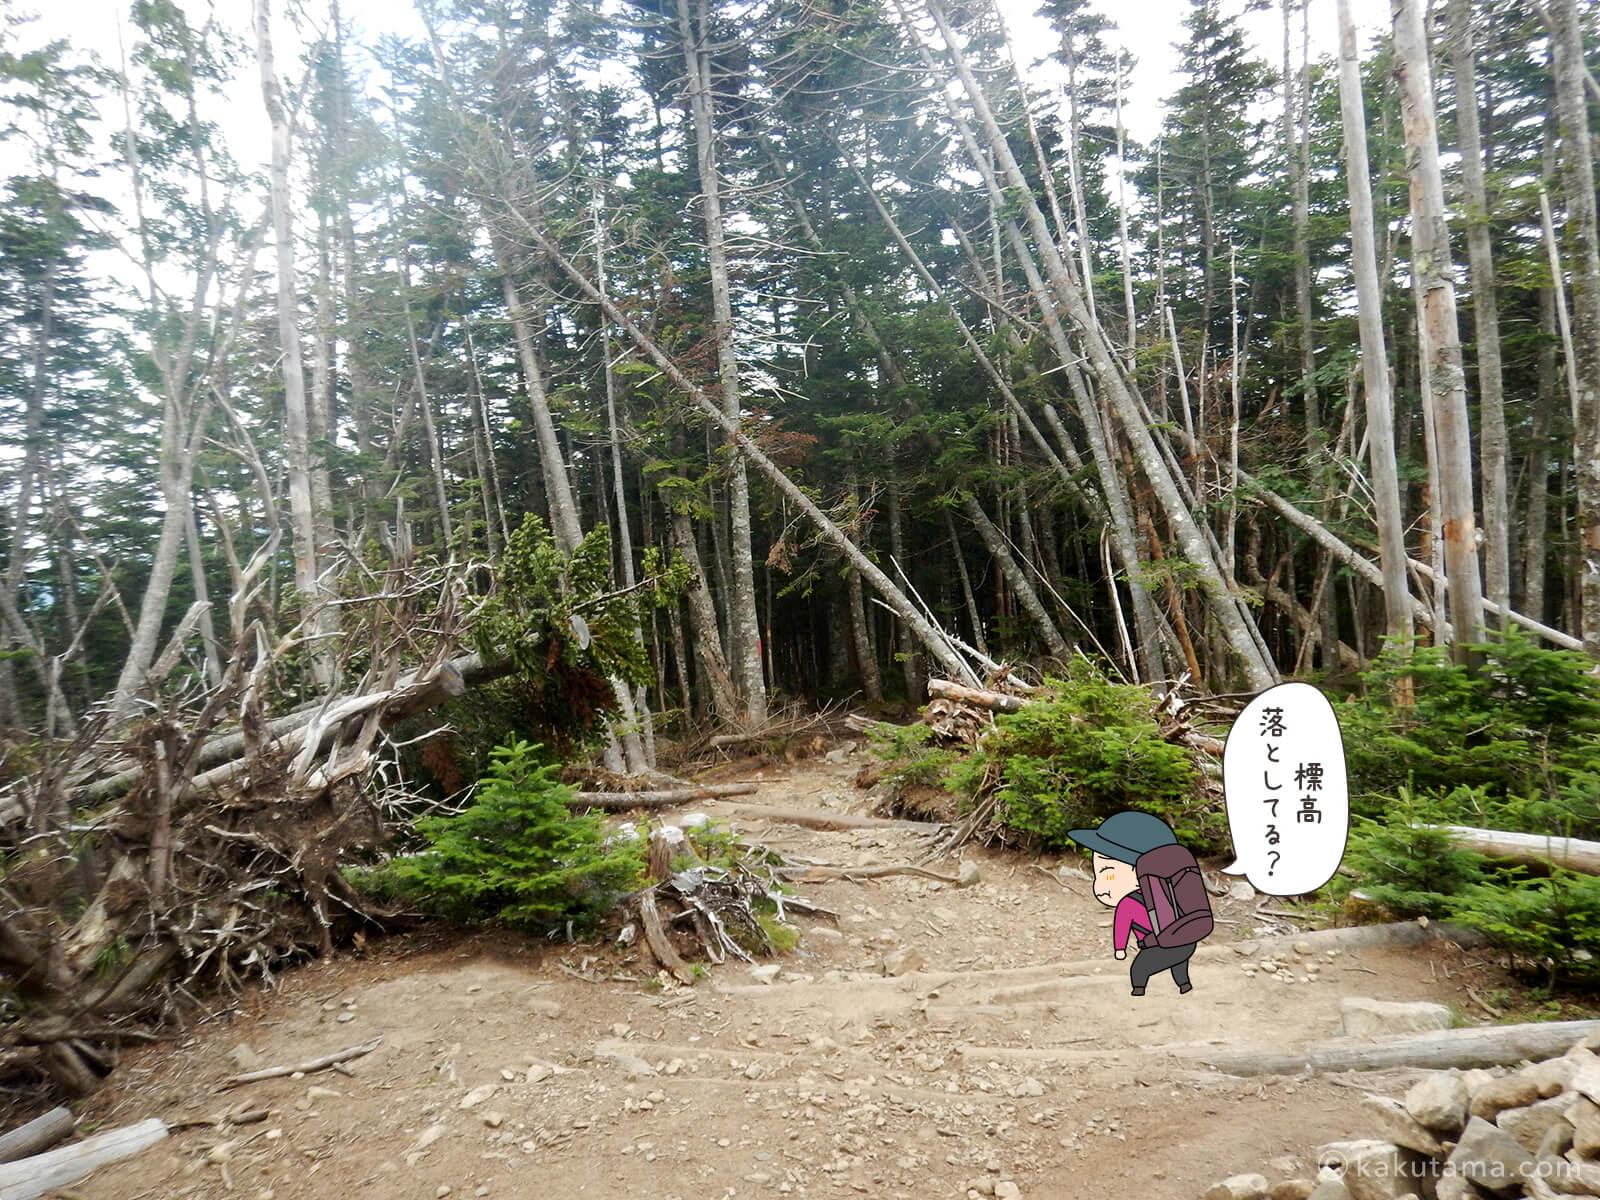 朝日岳から大弛峠へ向かって下山3